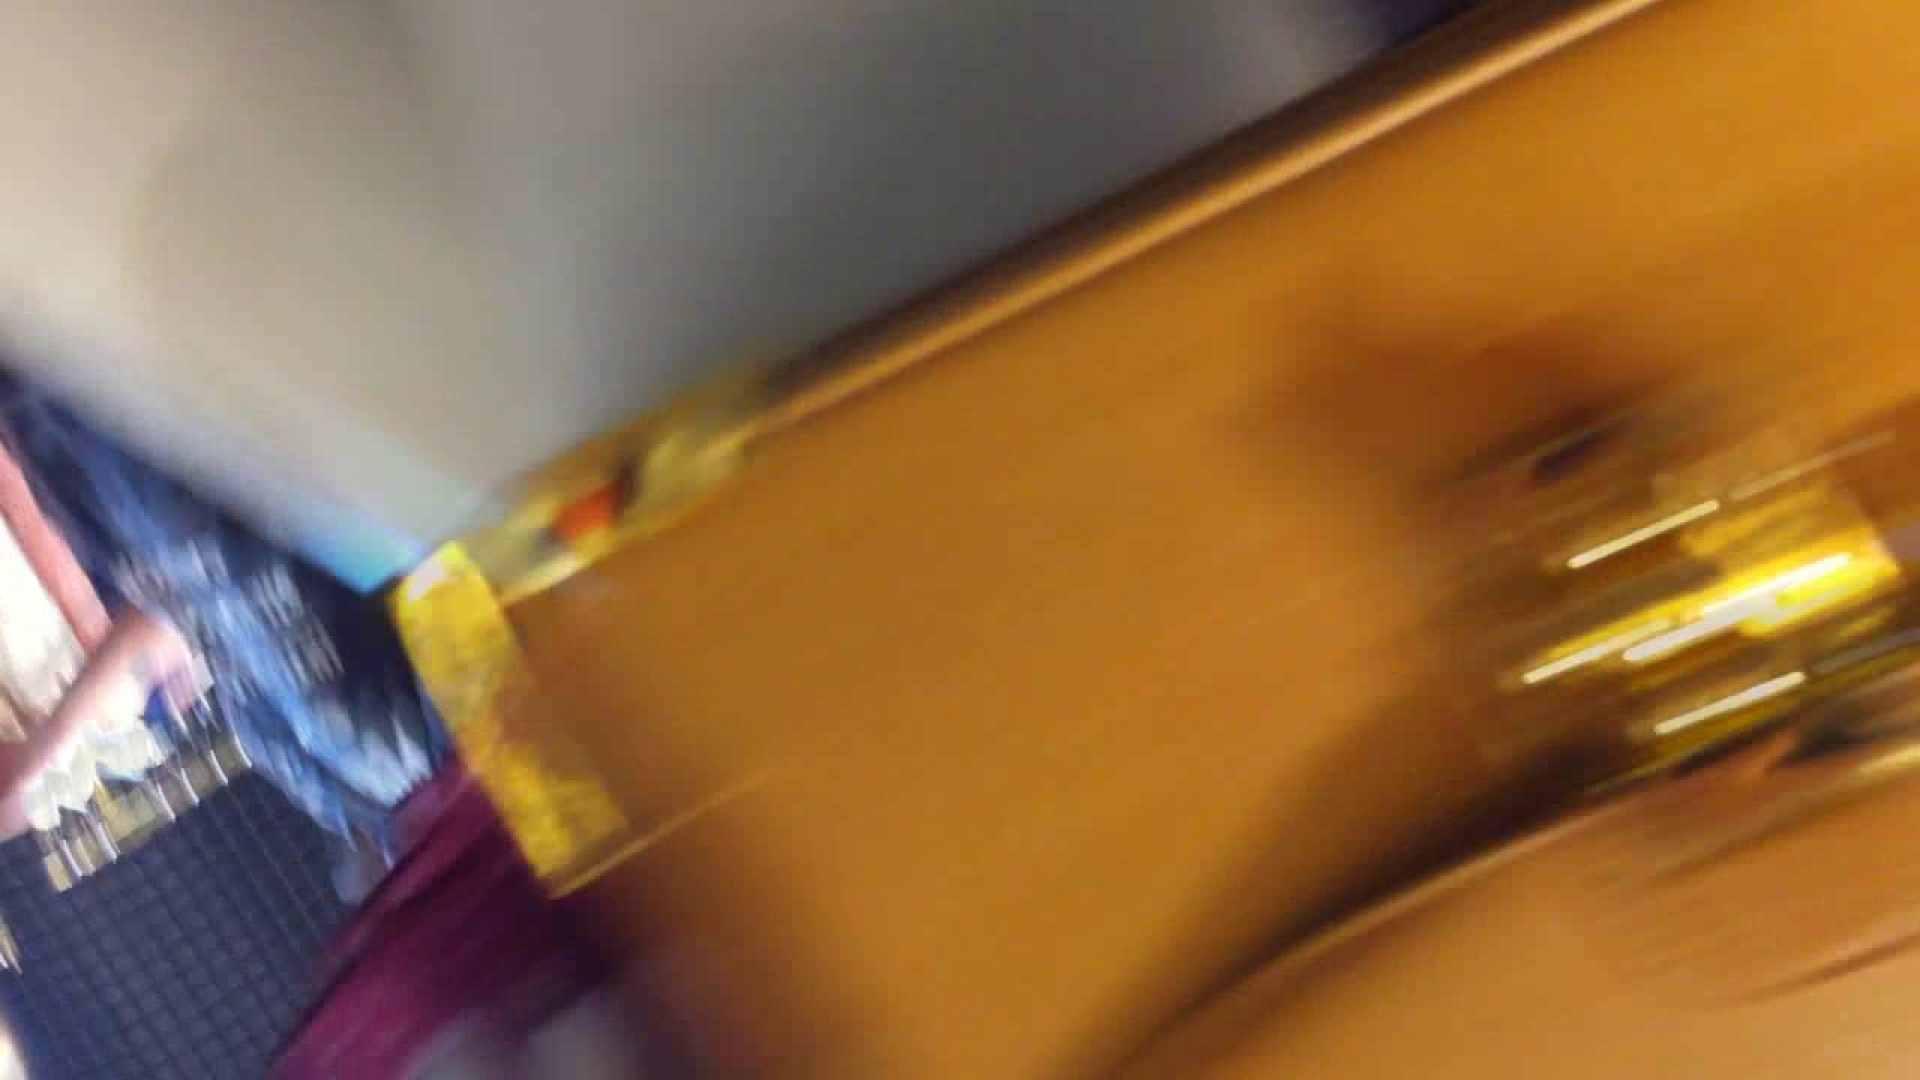 フルHD ショップ店員千人斬り! 大画面ノーカット完全版 vol.45 OLエロ画像 | ギャルエロ画像  104PICs 97